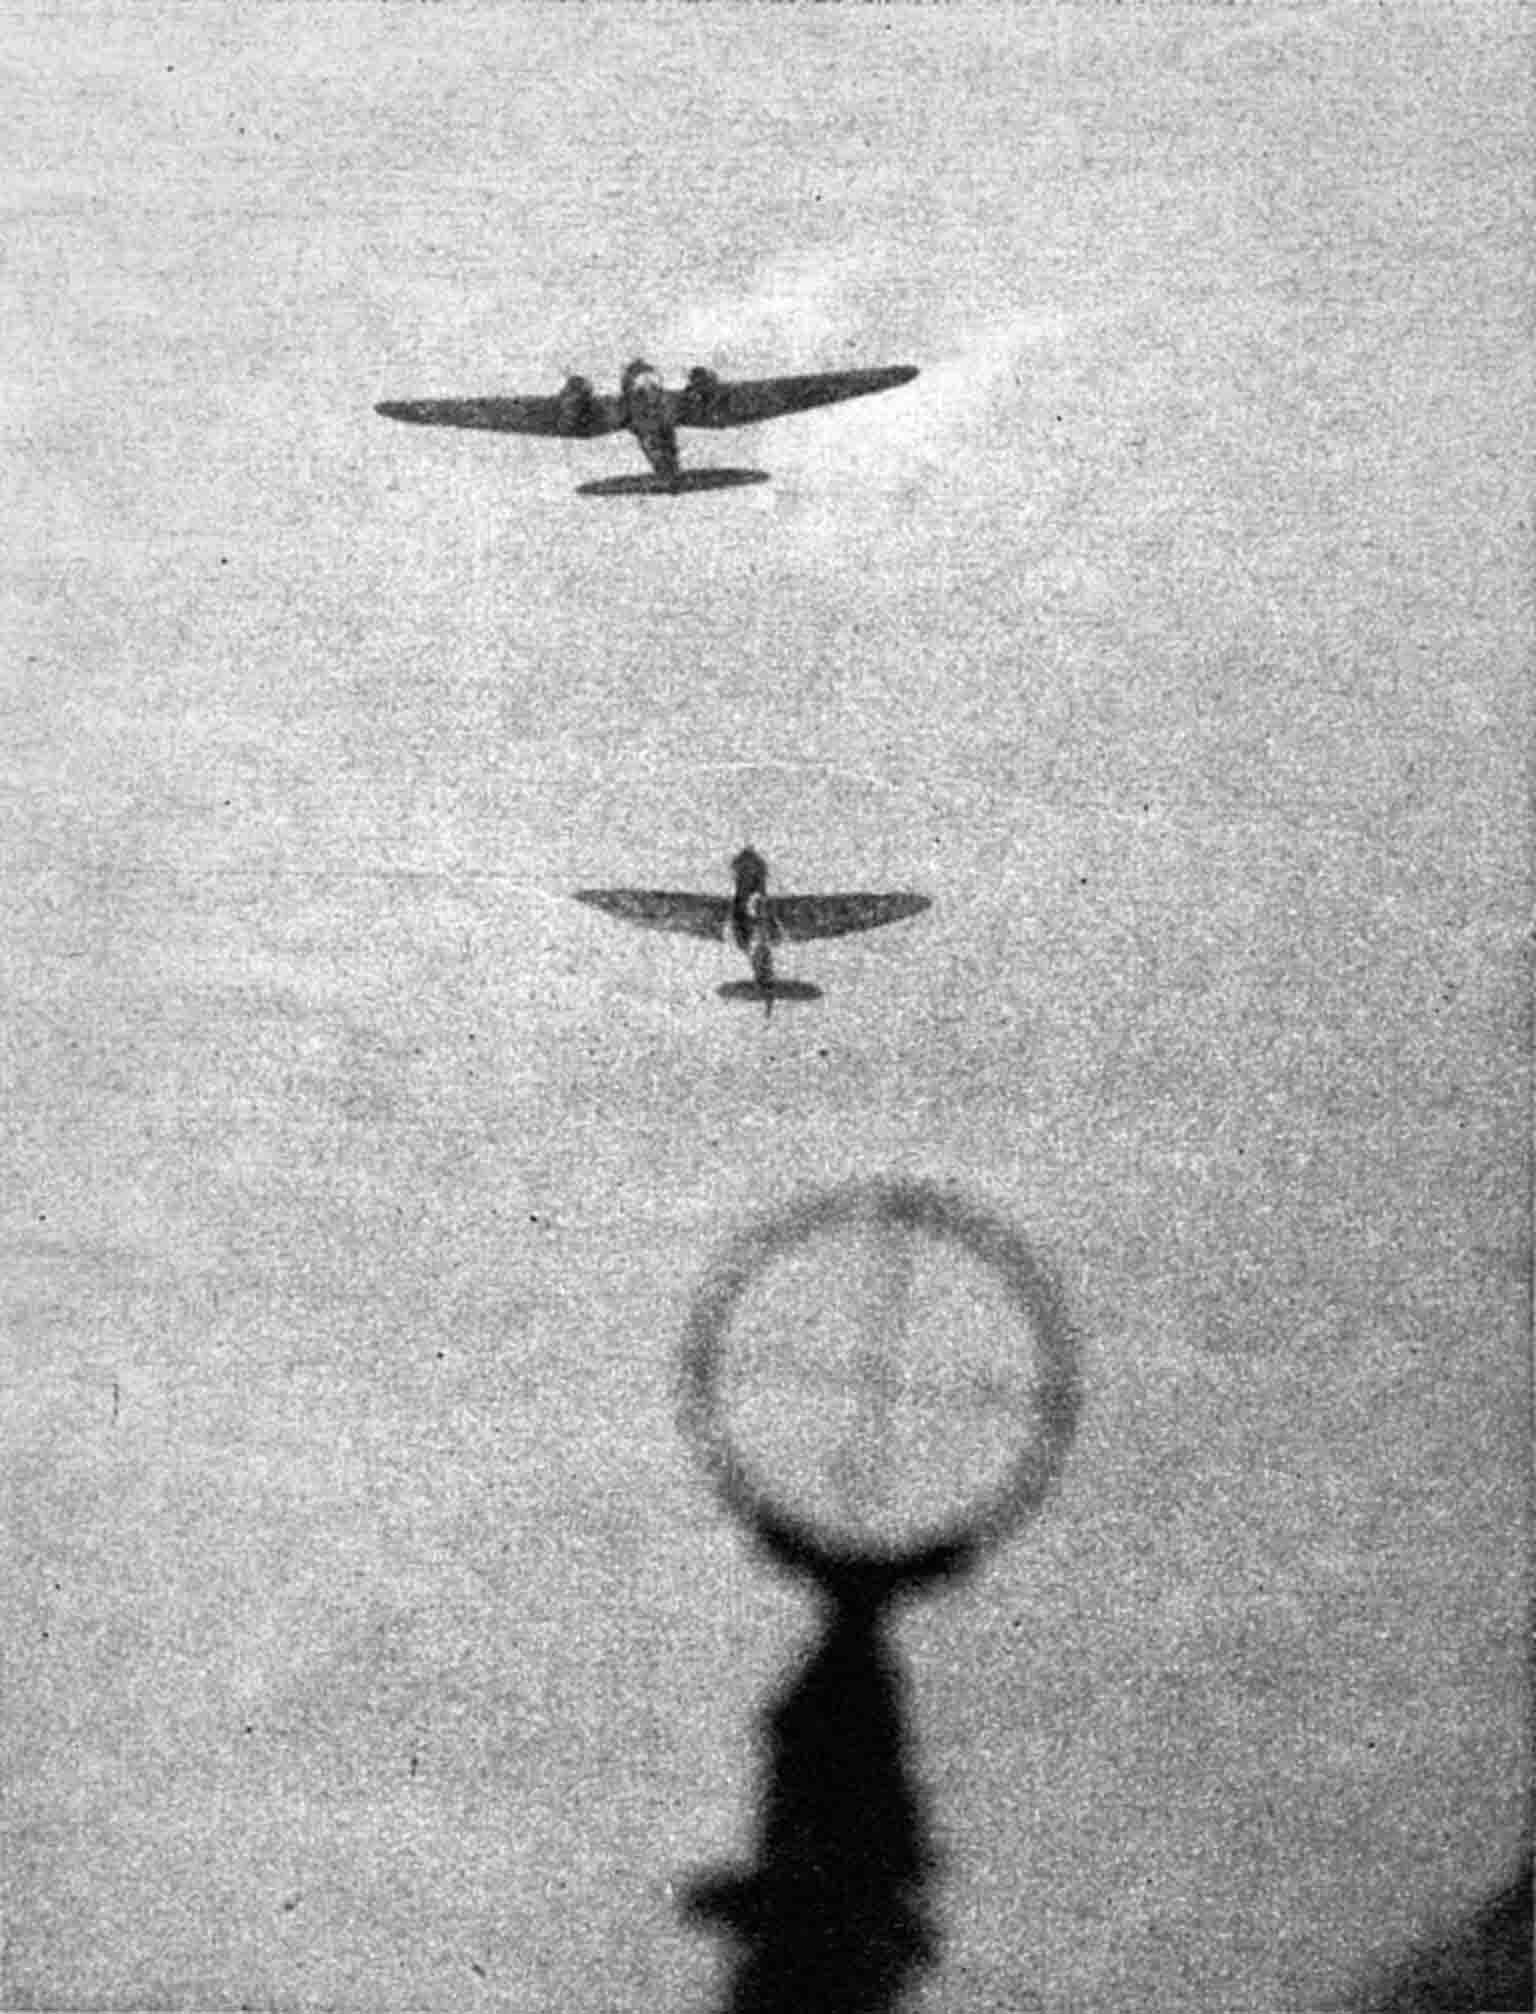 He-111, Spitfire